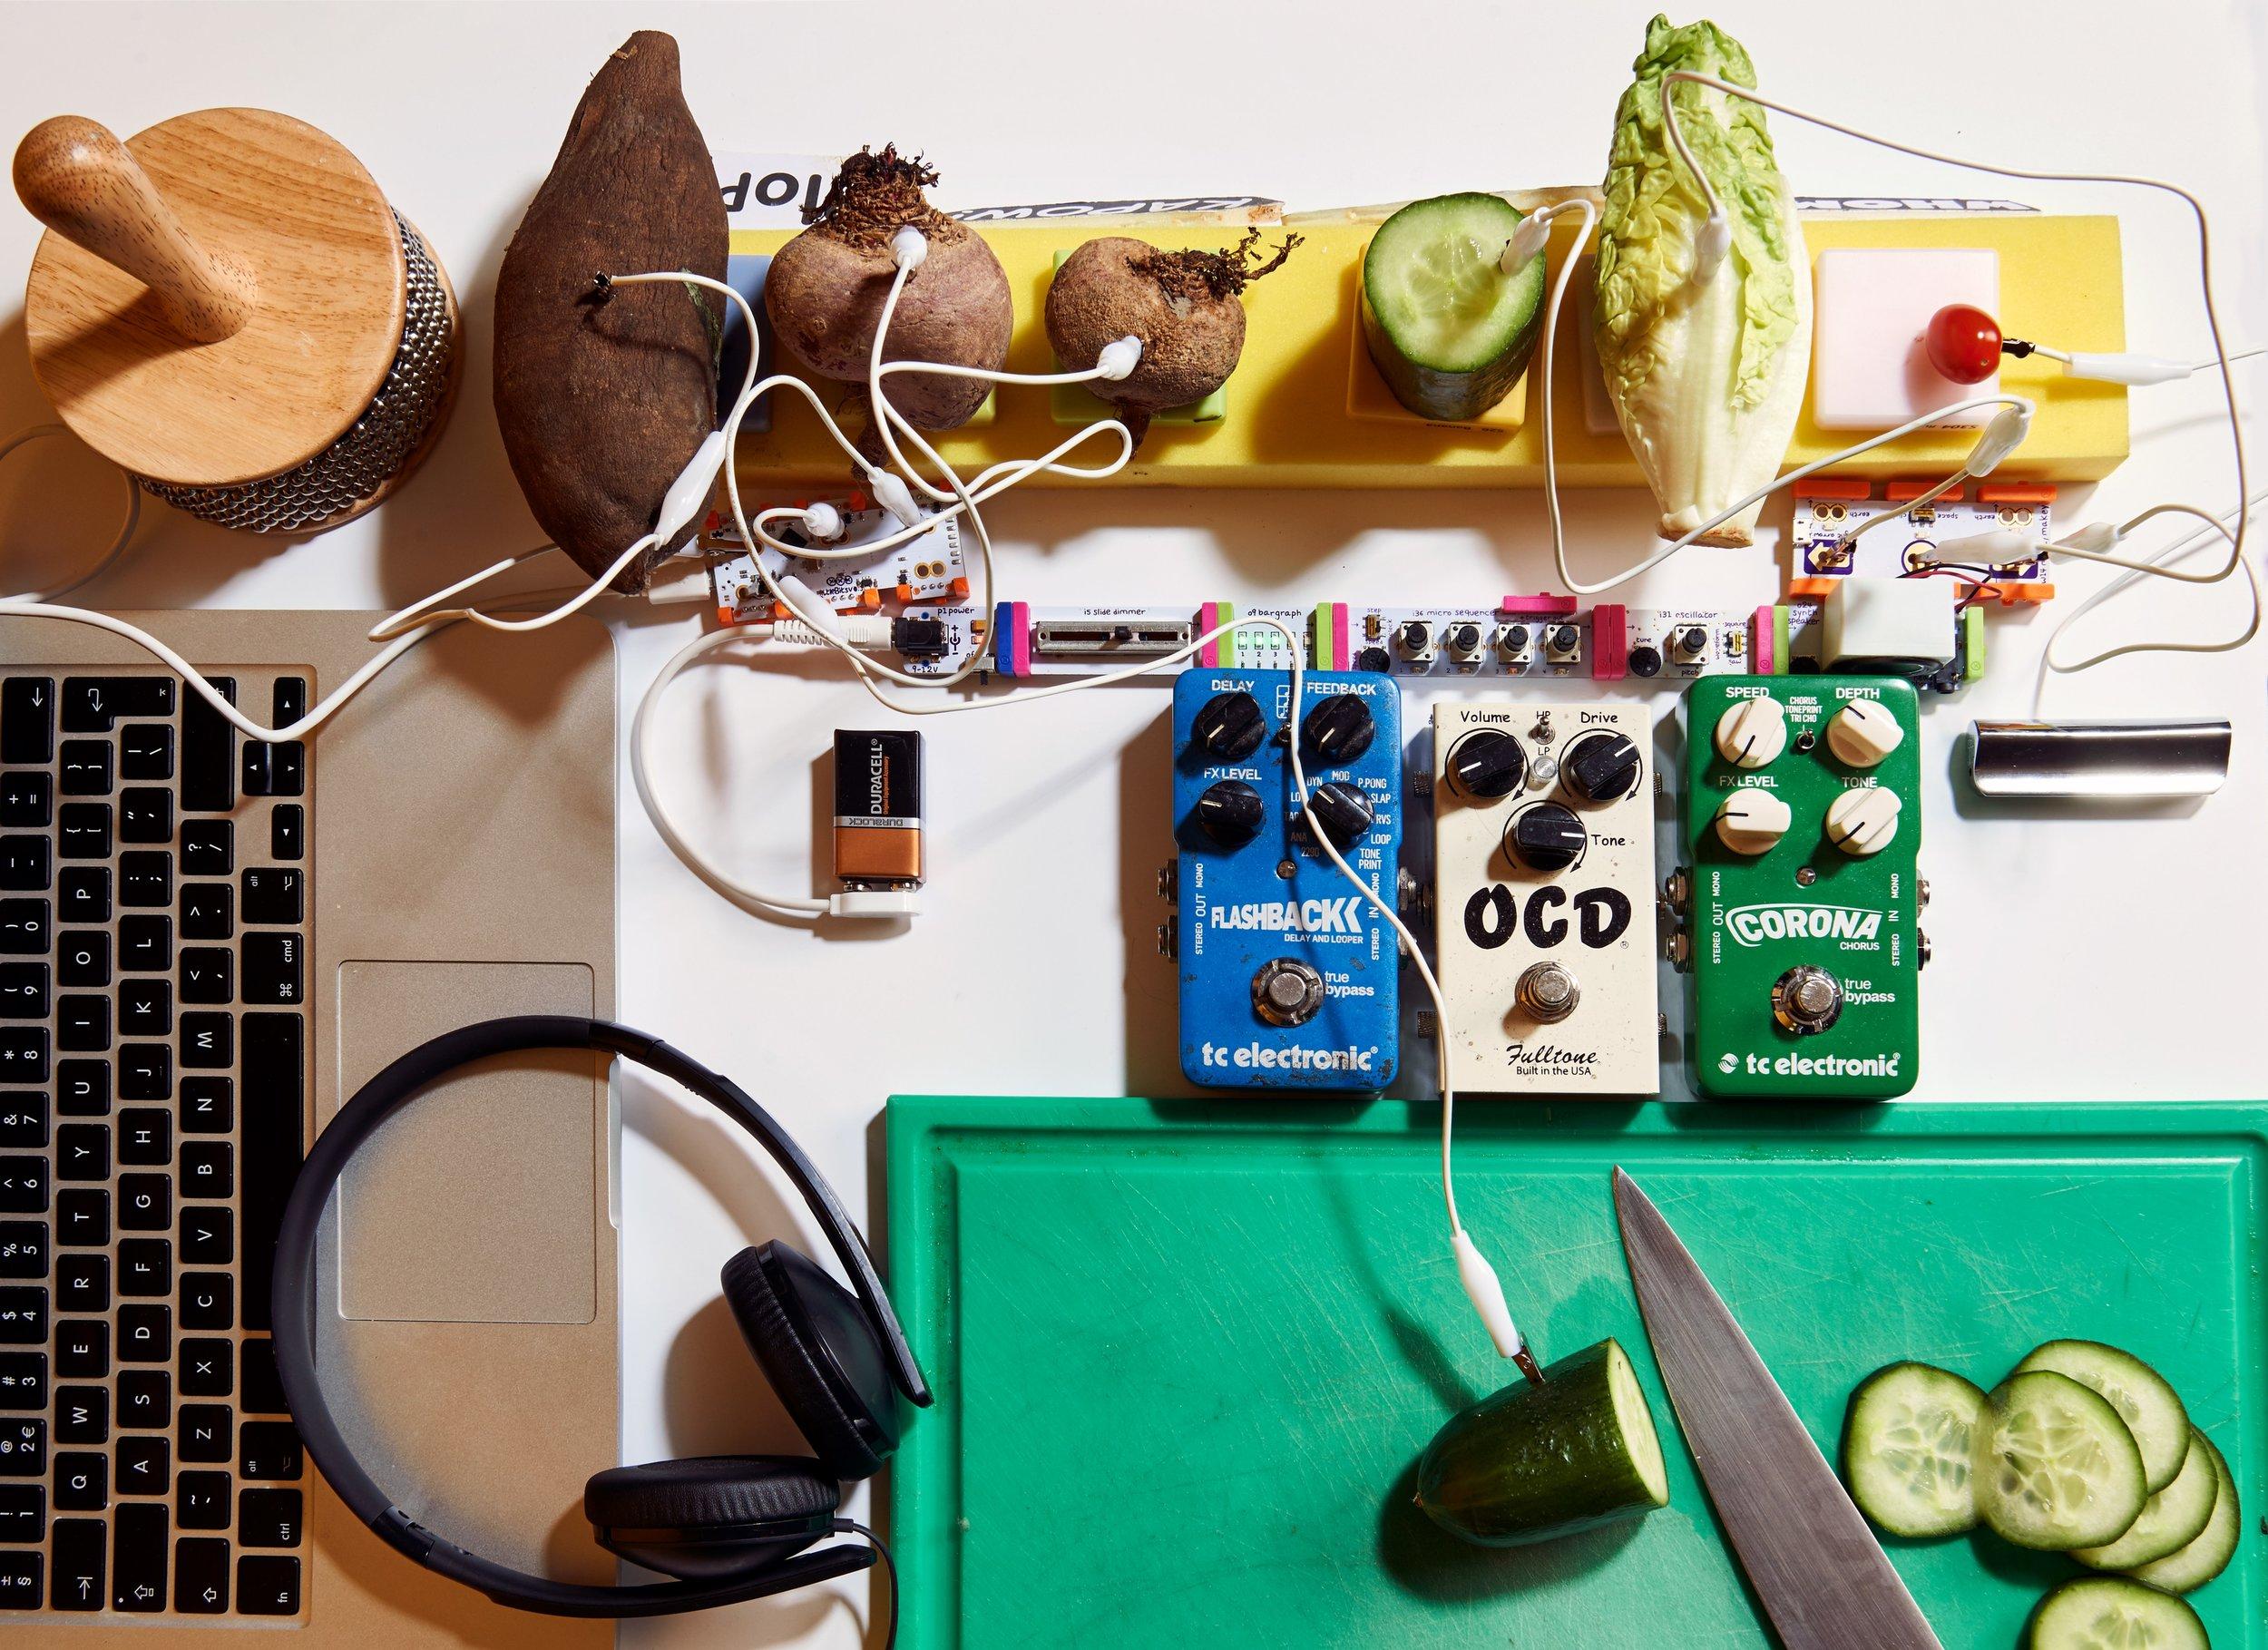 """Jasper Udink ten Cate e il suo Creative Chef Studio presentano a Milano durante la Milano Design Week """"The Composition Table"""", un'installazione multisensoriale che unisce suono e cibo. Foto di Berend van Breda."""